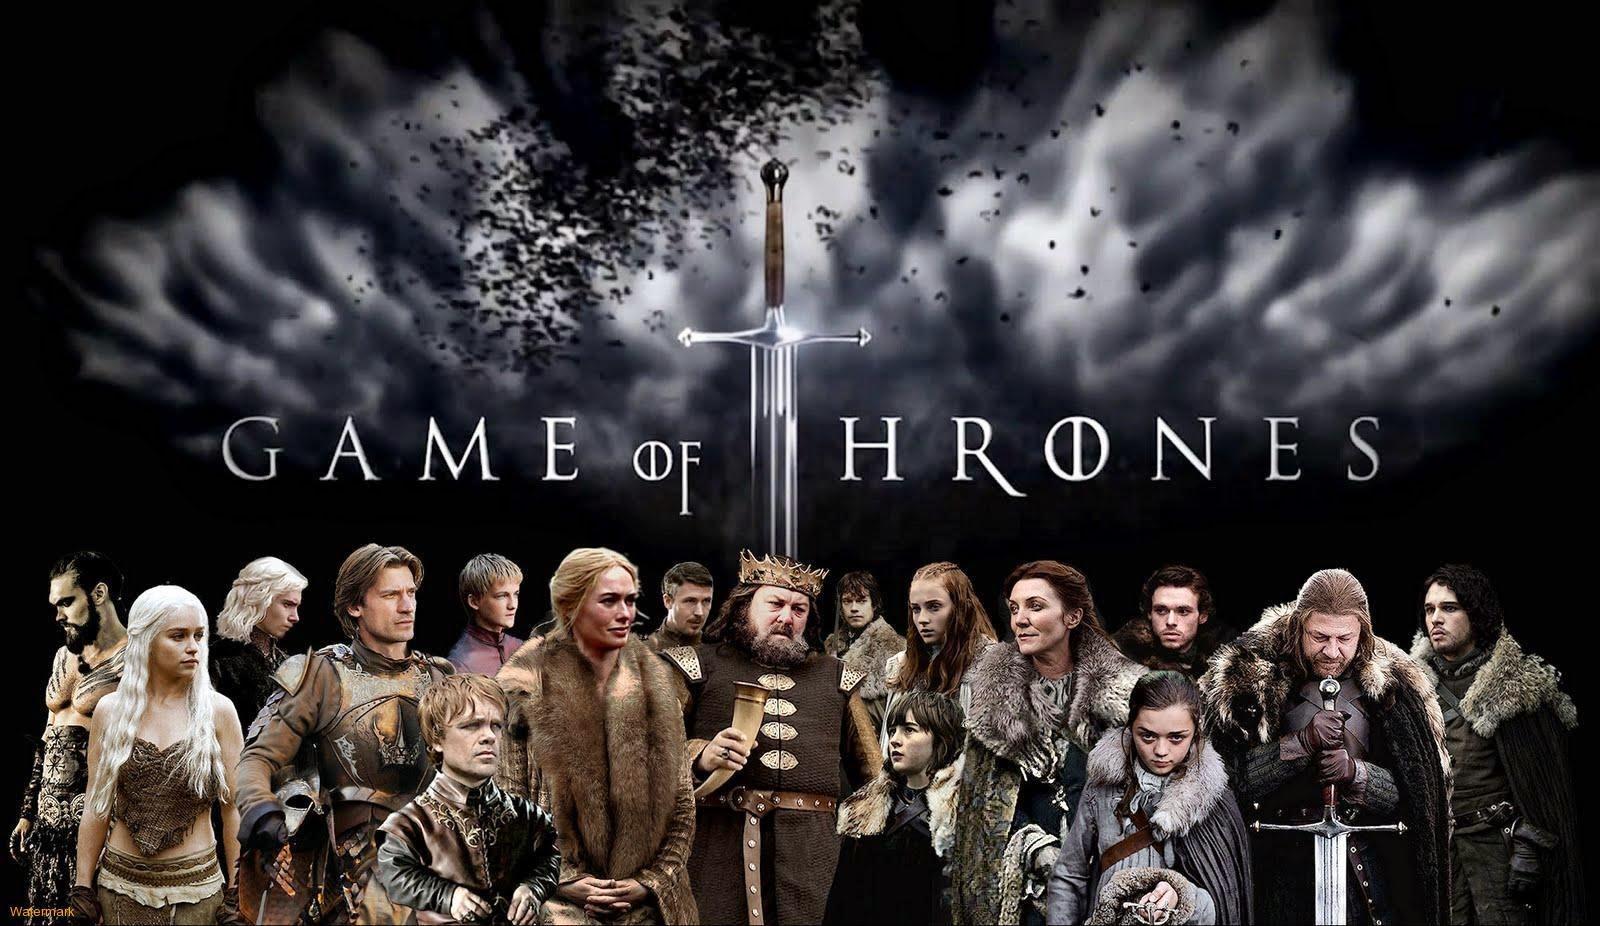 Serie Game of Thrones (Juego de Tronos) Temporada 4 Capitulo 3 | Tus ...